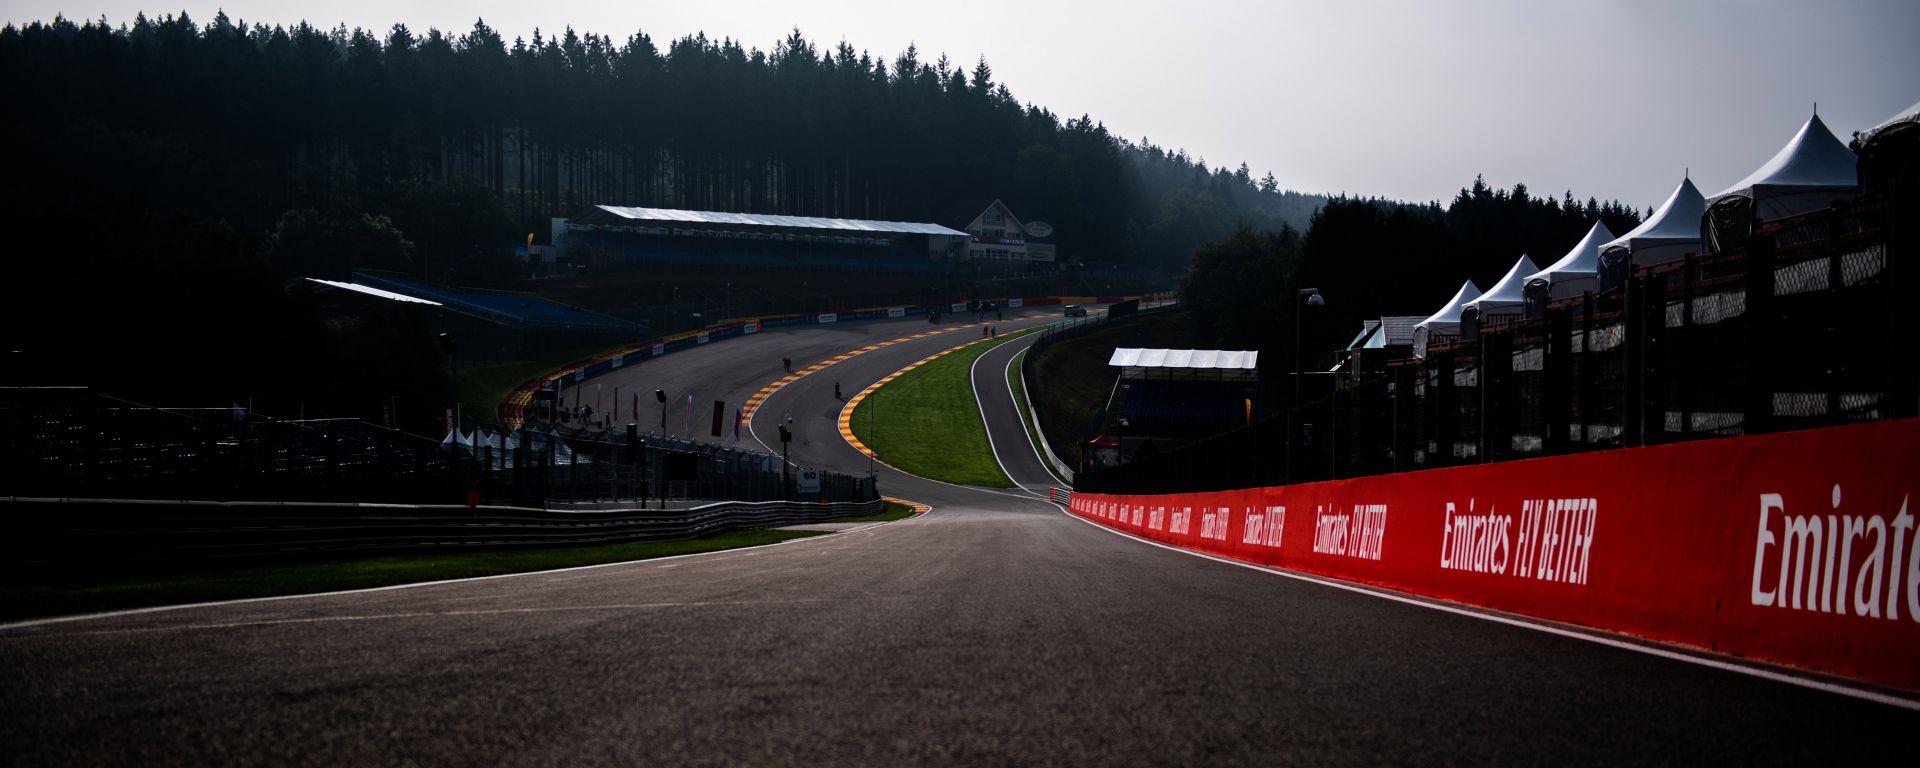 F1: il circuito di Spa, sede del GP Belgio